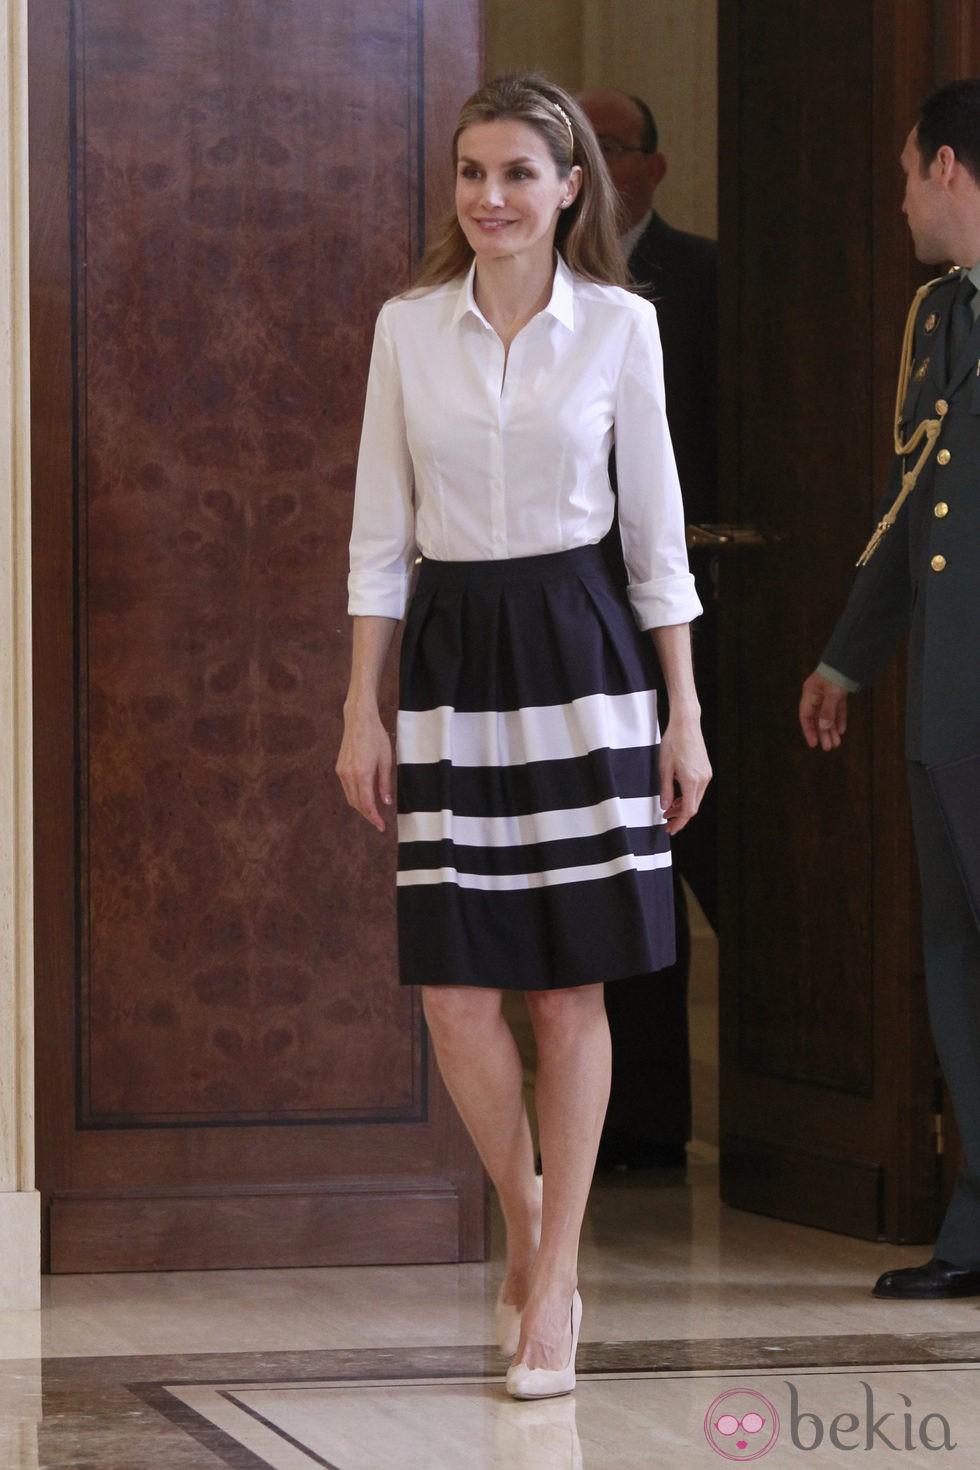 La Princesa Letizia Vestida De Blanco Y Negro En Una